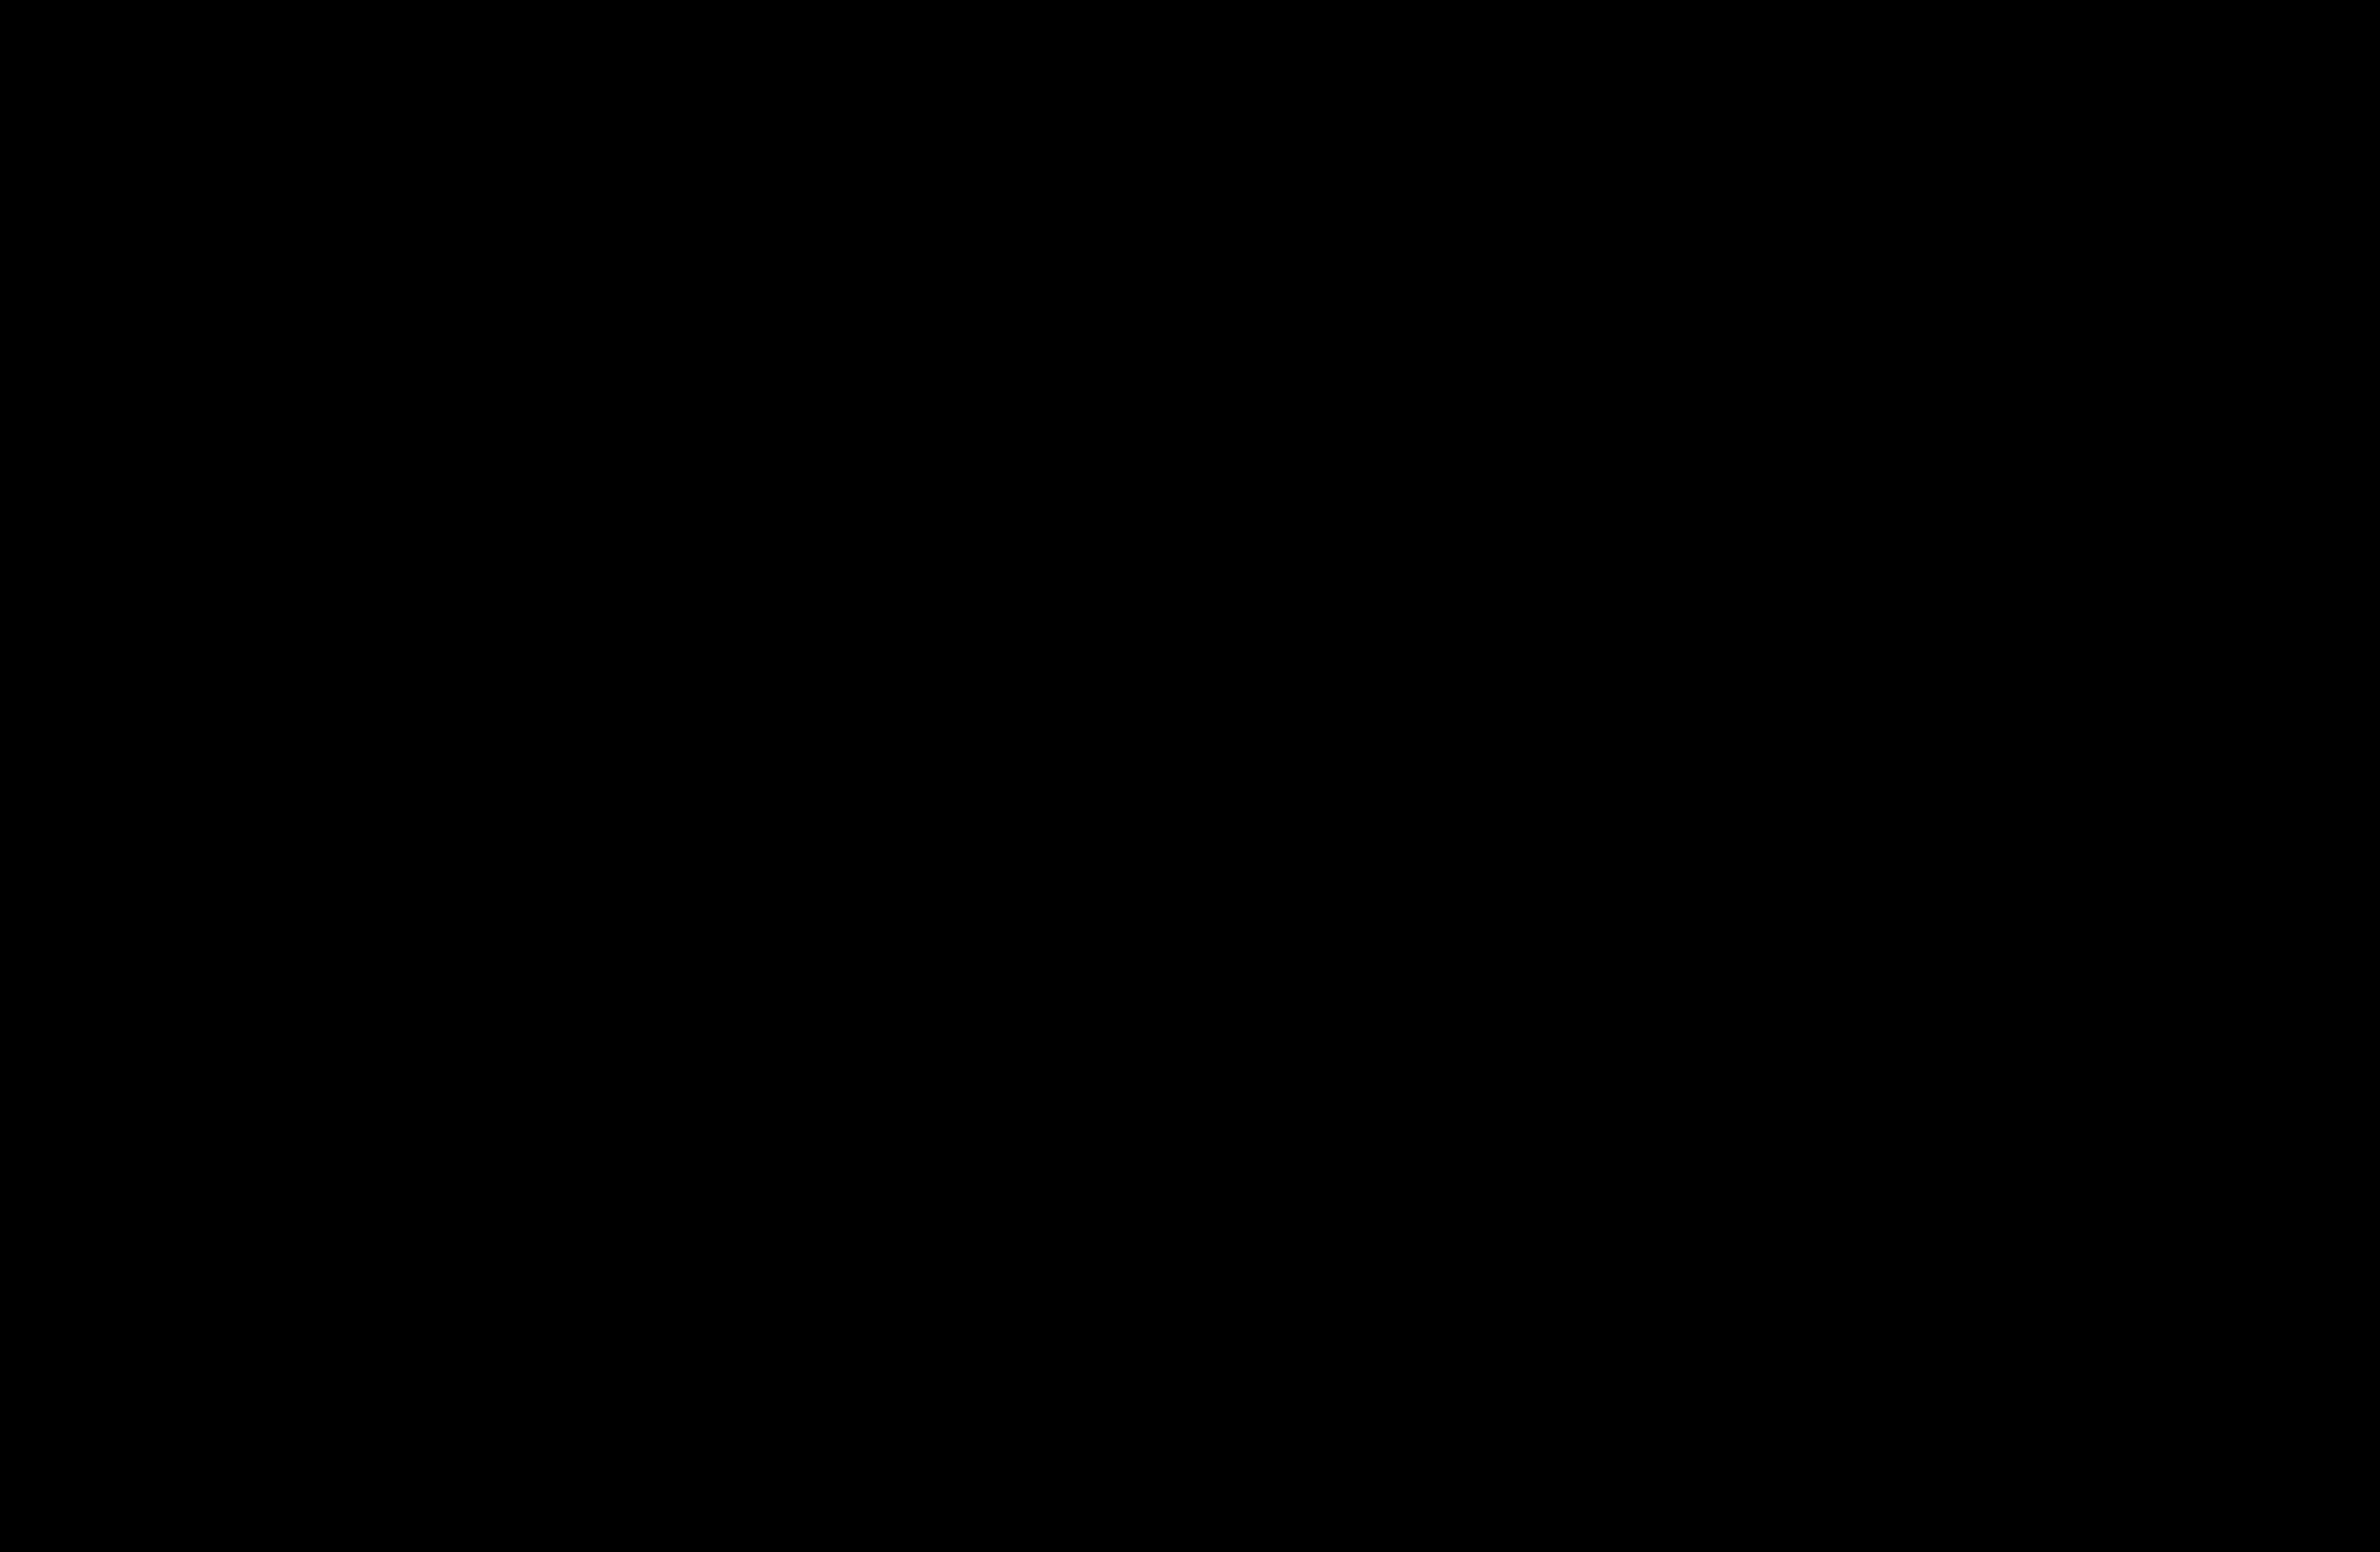 resistor capacitor circuit diagram